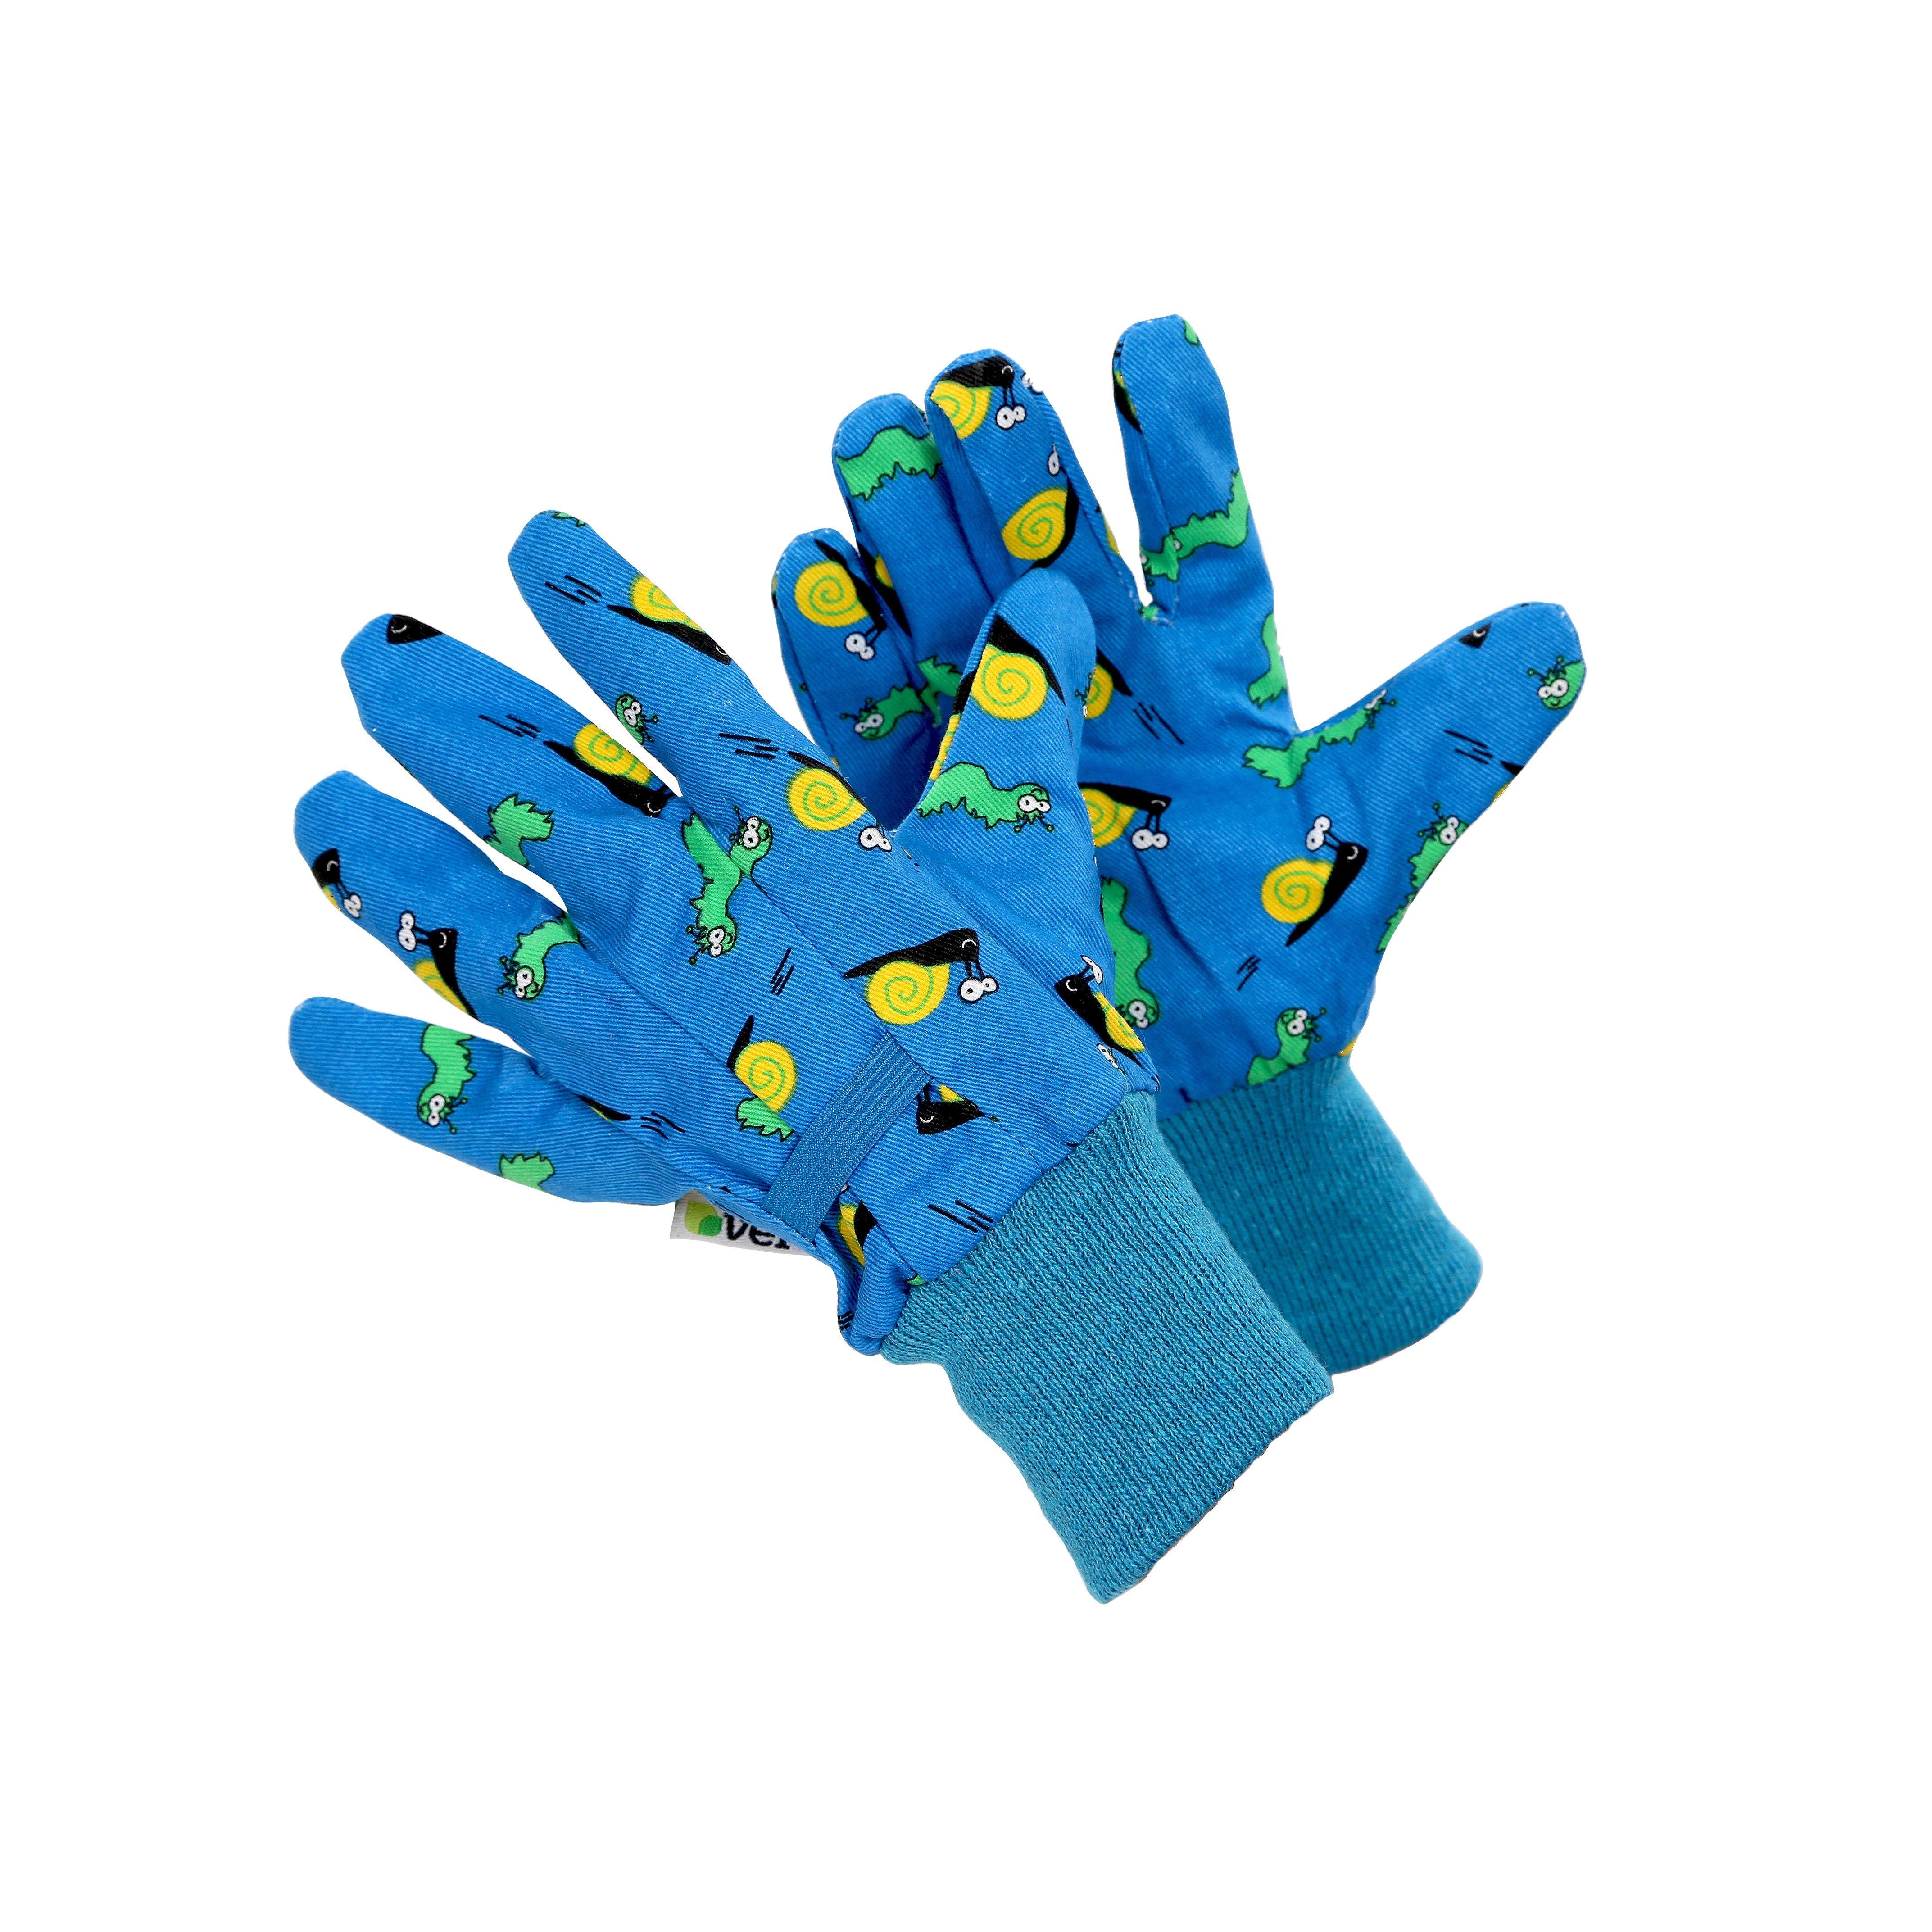 Verve Cotton Children's Gloves